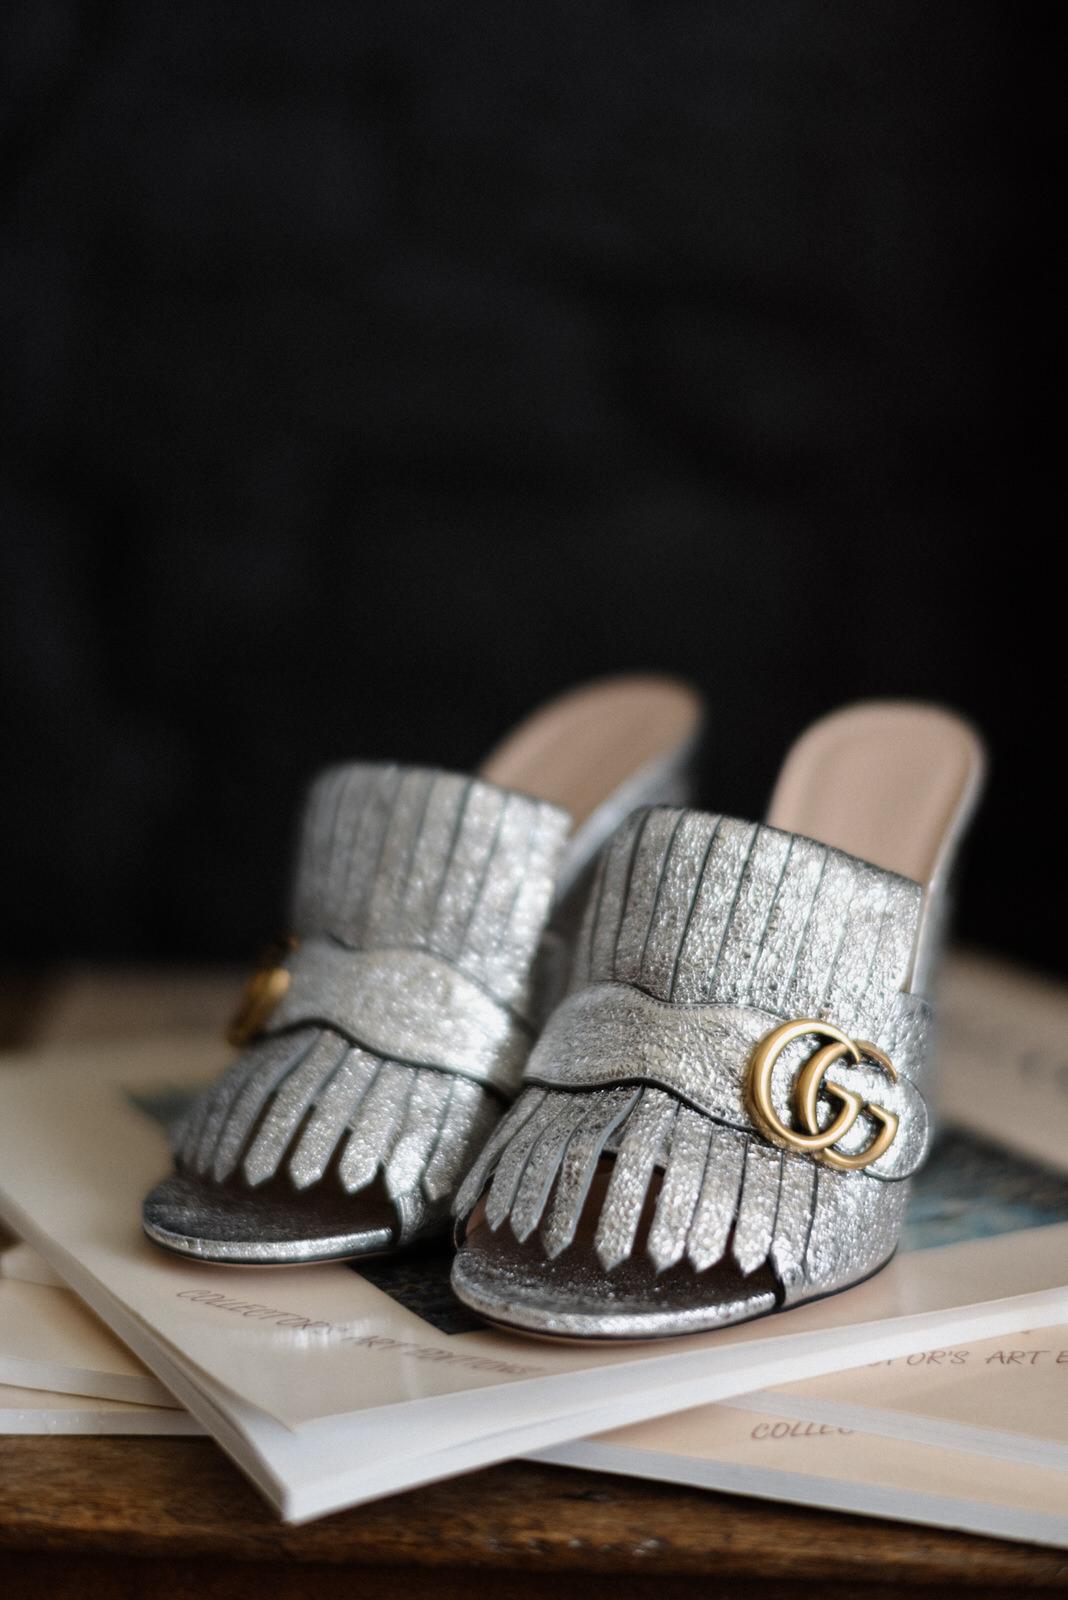 Gucci bridal shoes